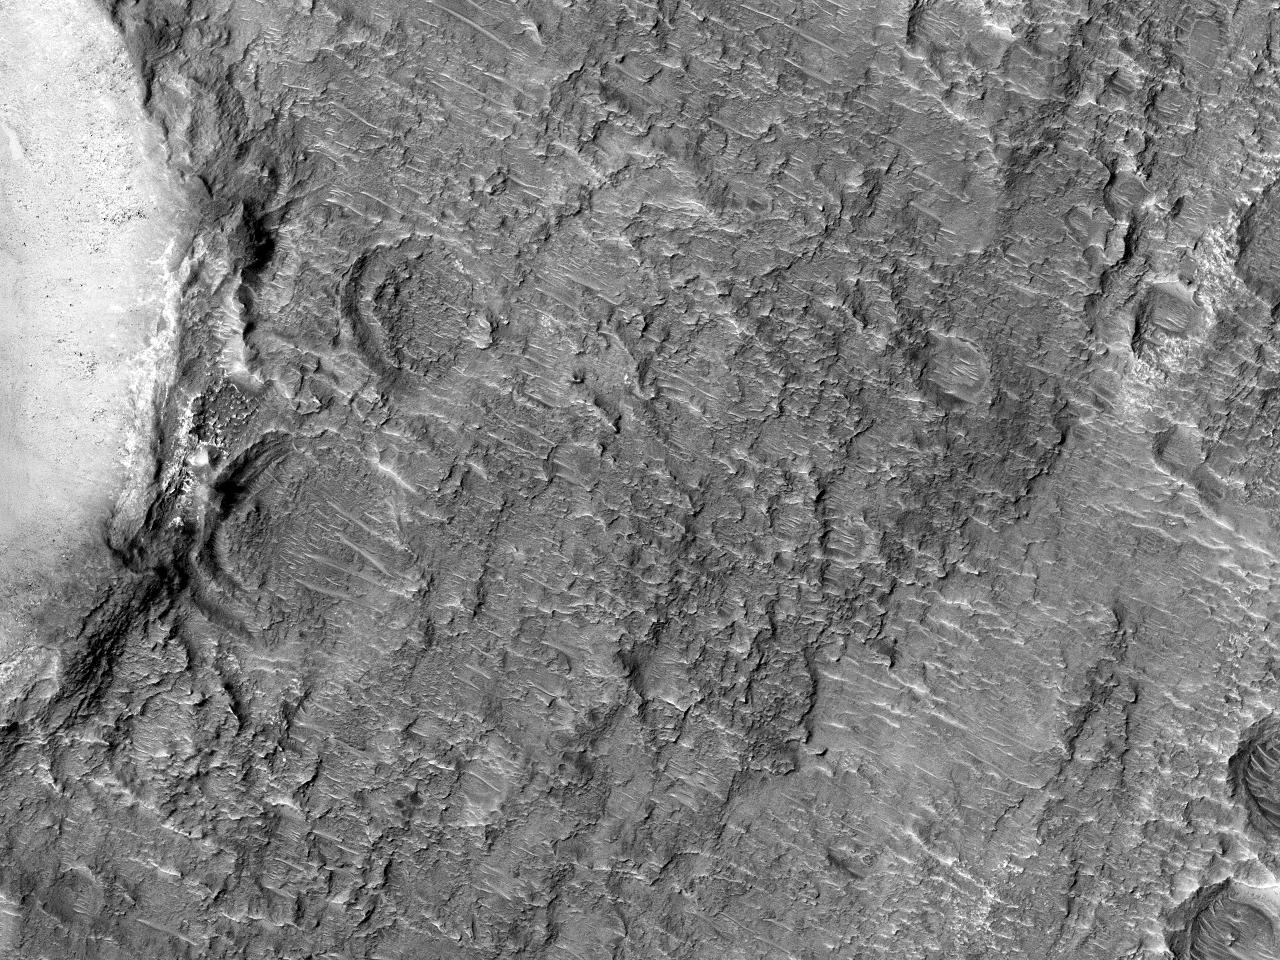 Canale și conuri în Craterul Savich